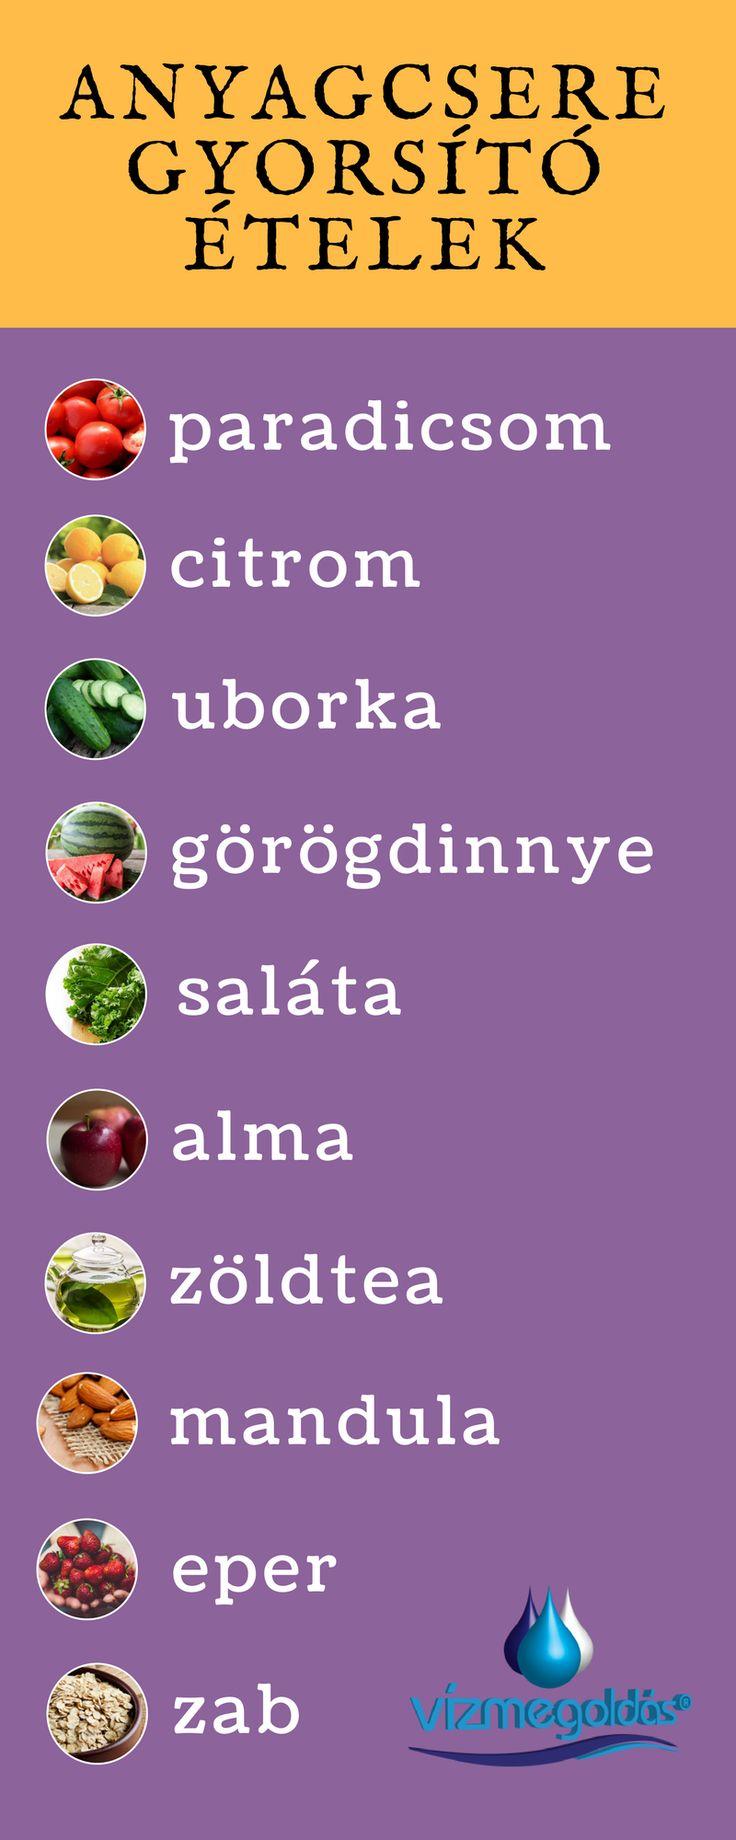 Anyagcsere gyorsító ételek - tudj meg többet az egészséges életmódról, kattints a képre!